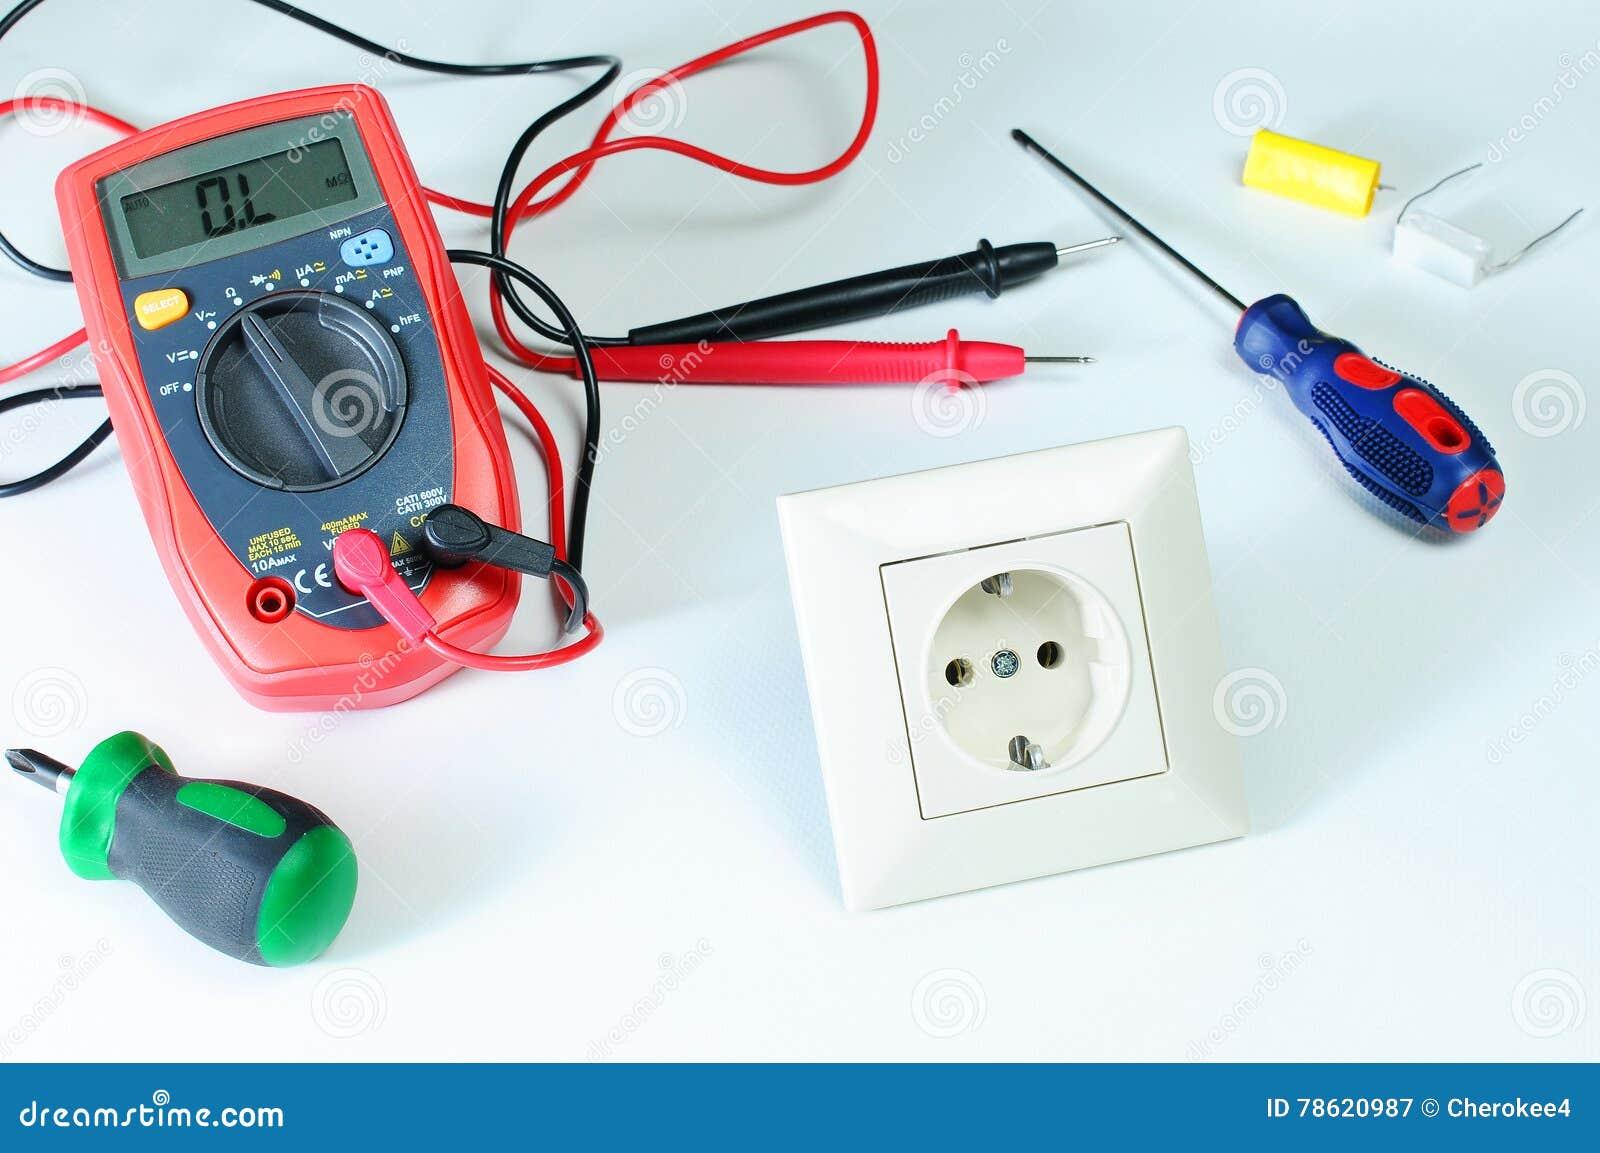 Digitalmessinstrument oder multitester oder Volt-Ohm-Meter, ein elektronisches Messgerät, das einiges Maßfunktion kombiniert